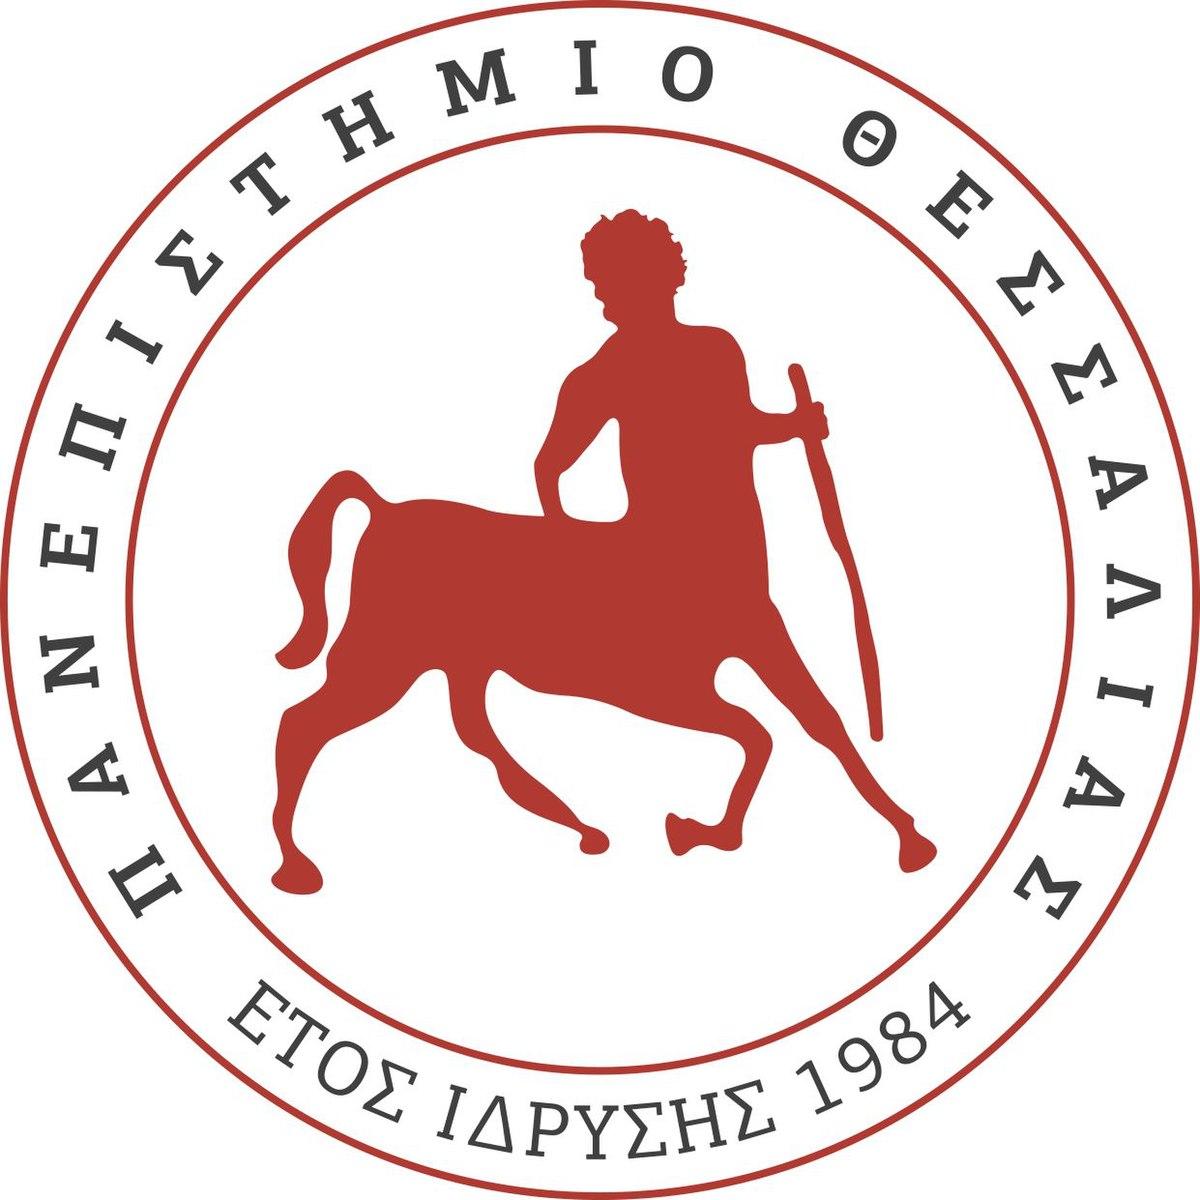 Πανεπιστήμιο Θεσσαλίας - Βικιπαίδεια